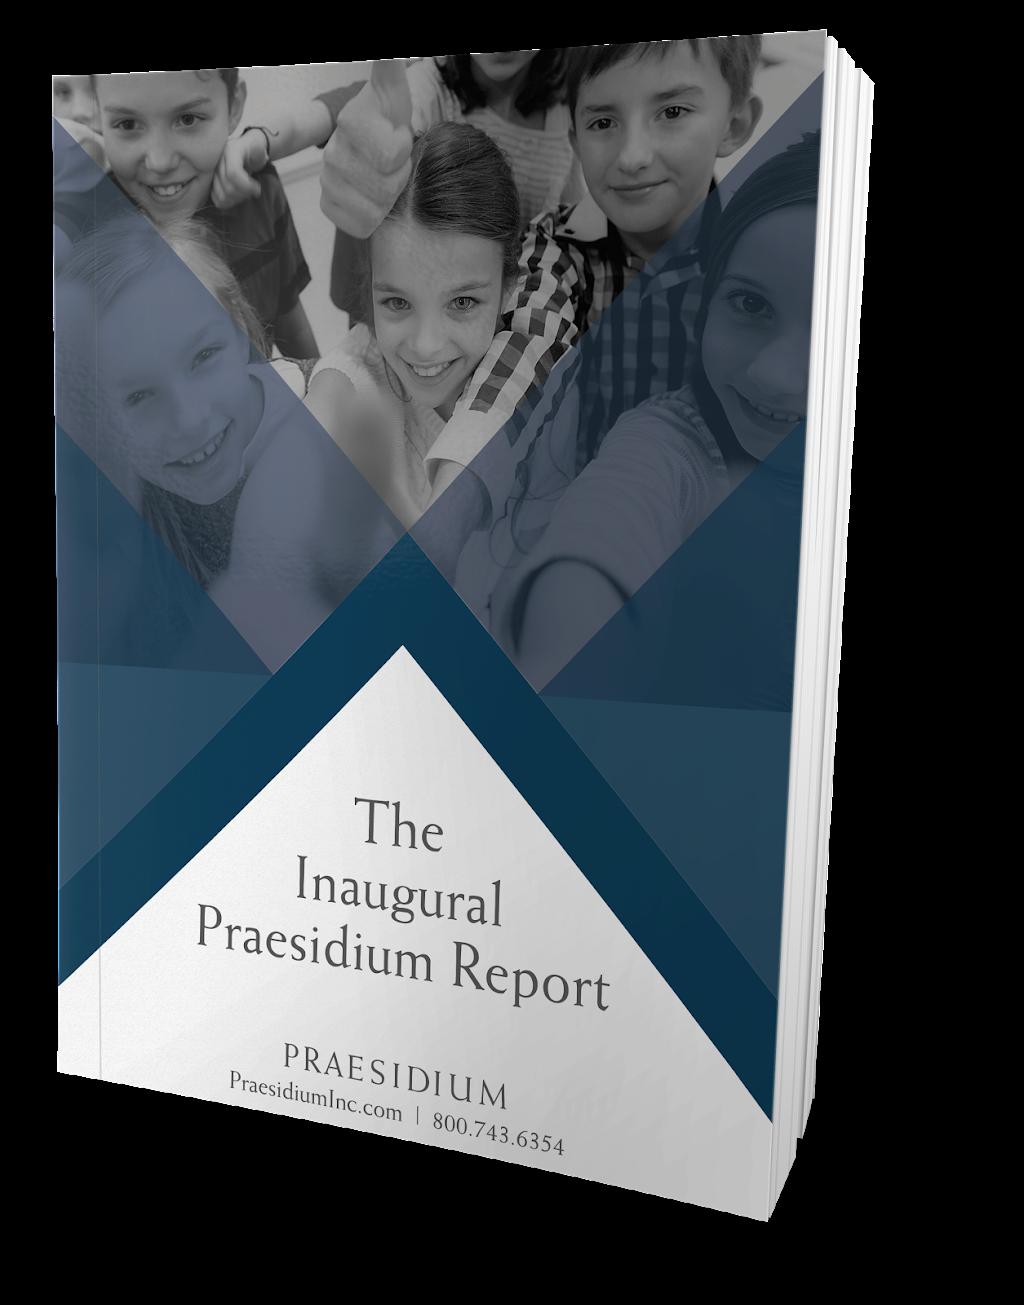 Praesidium Report